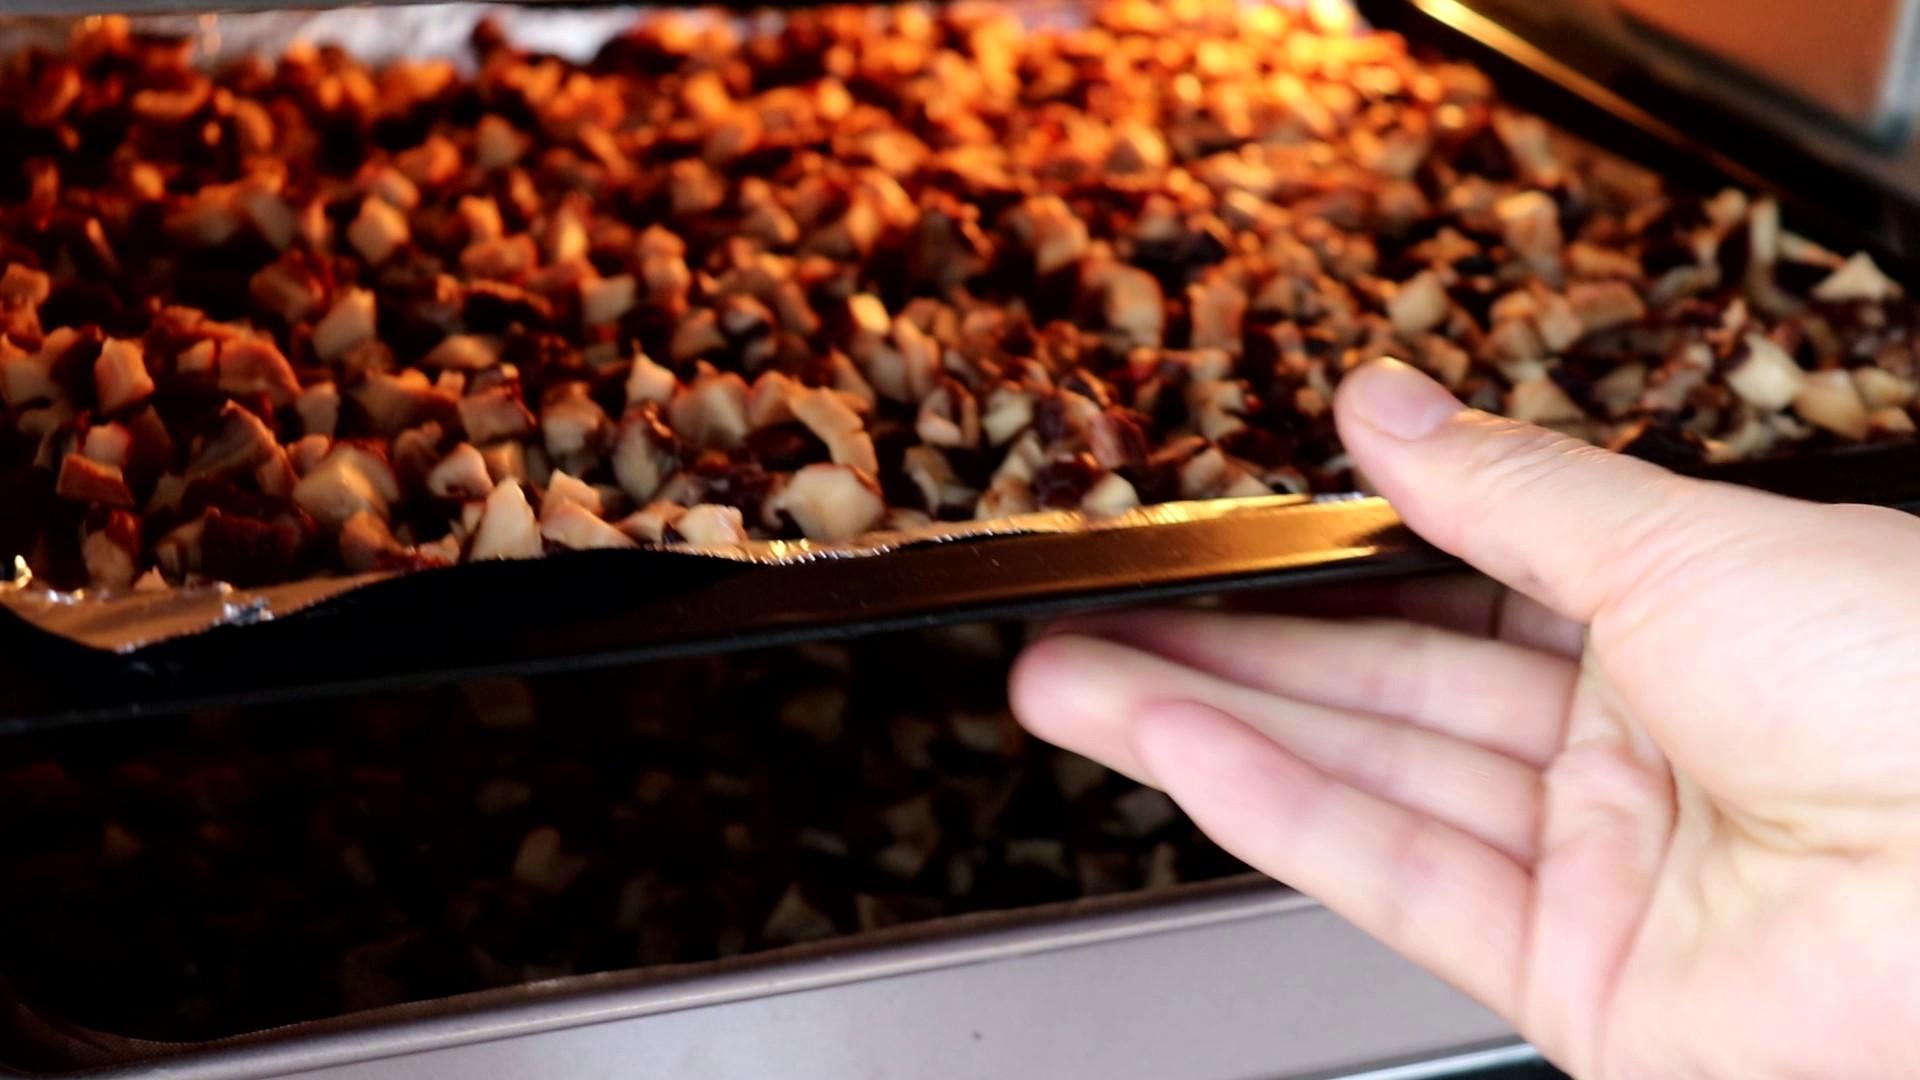 自制香菇粉,放入烤箱中,上下管90度,烘烤2h</p> <p>tips:这里我做的比较多,所以分开两盘烘烤,这样在烘烤时,切记上下两盘相互替换,以免受热不均匀烤焦</p> <p>